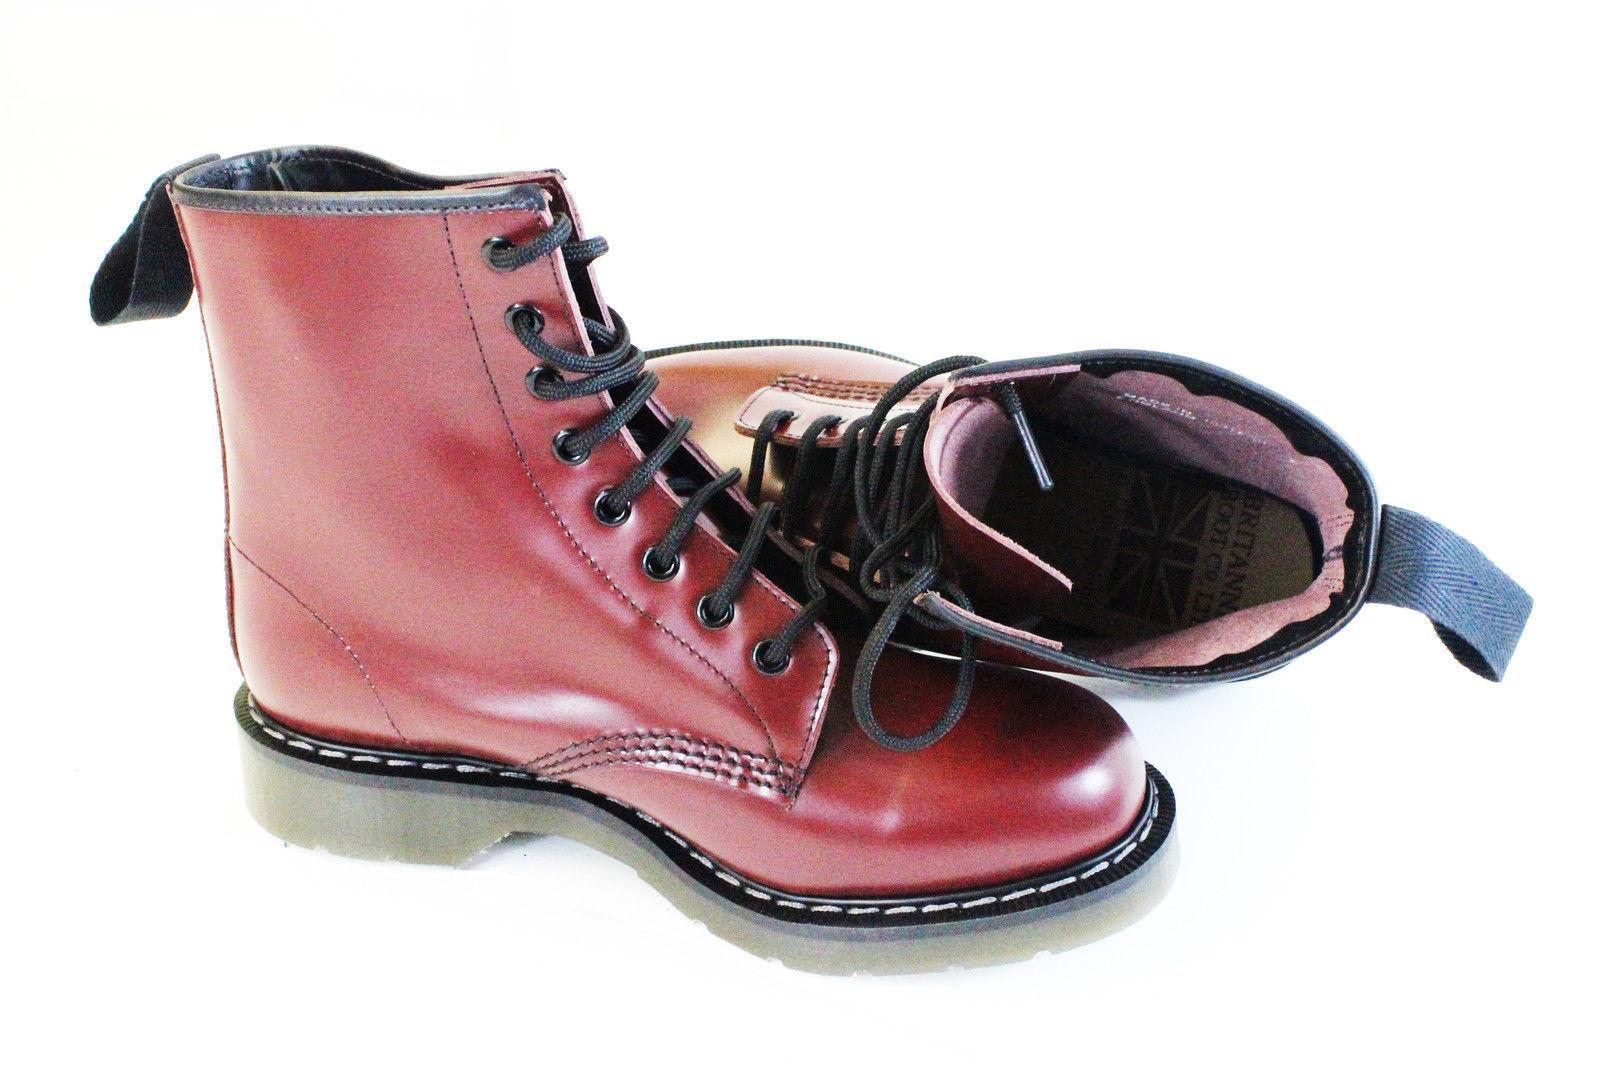 NORTHAMPTON MADE cherry air-cushion red 8 eye non-safety air-cushion cherry sole boot 7-11 88120f